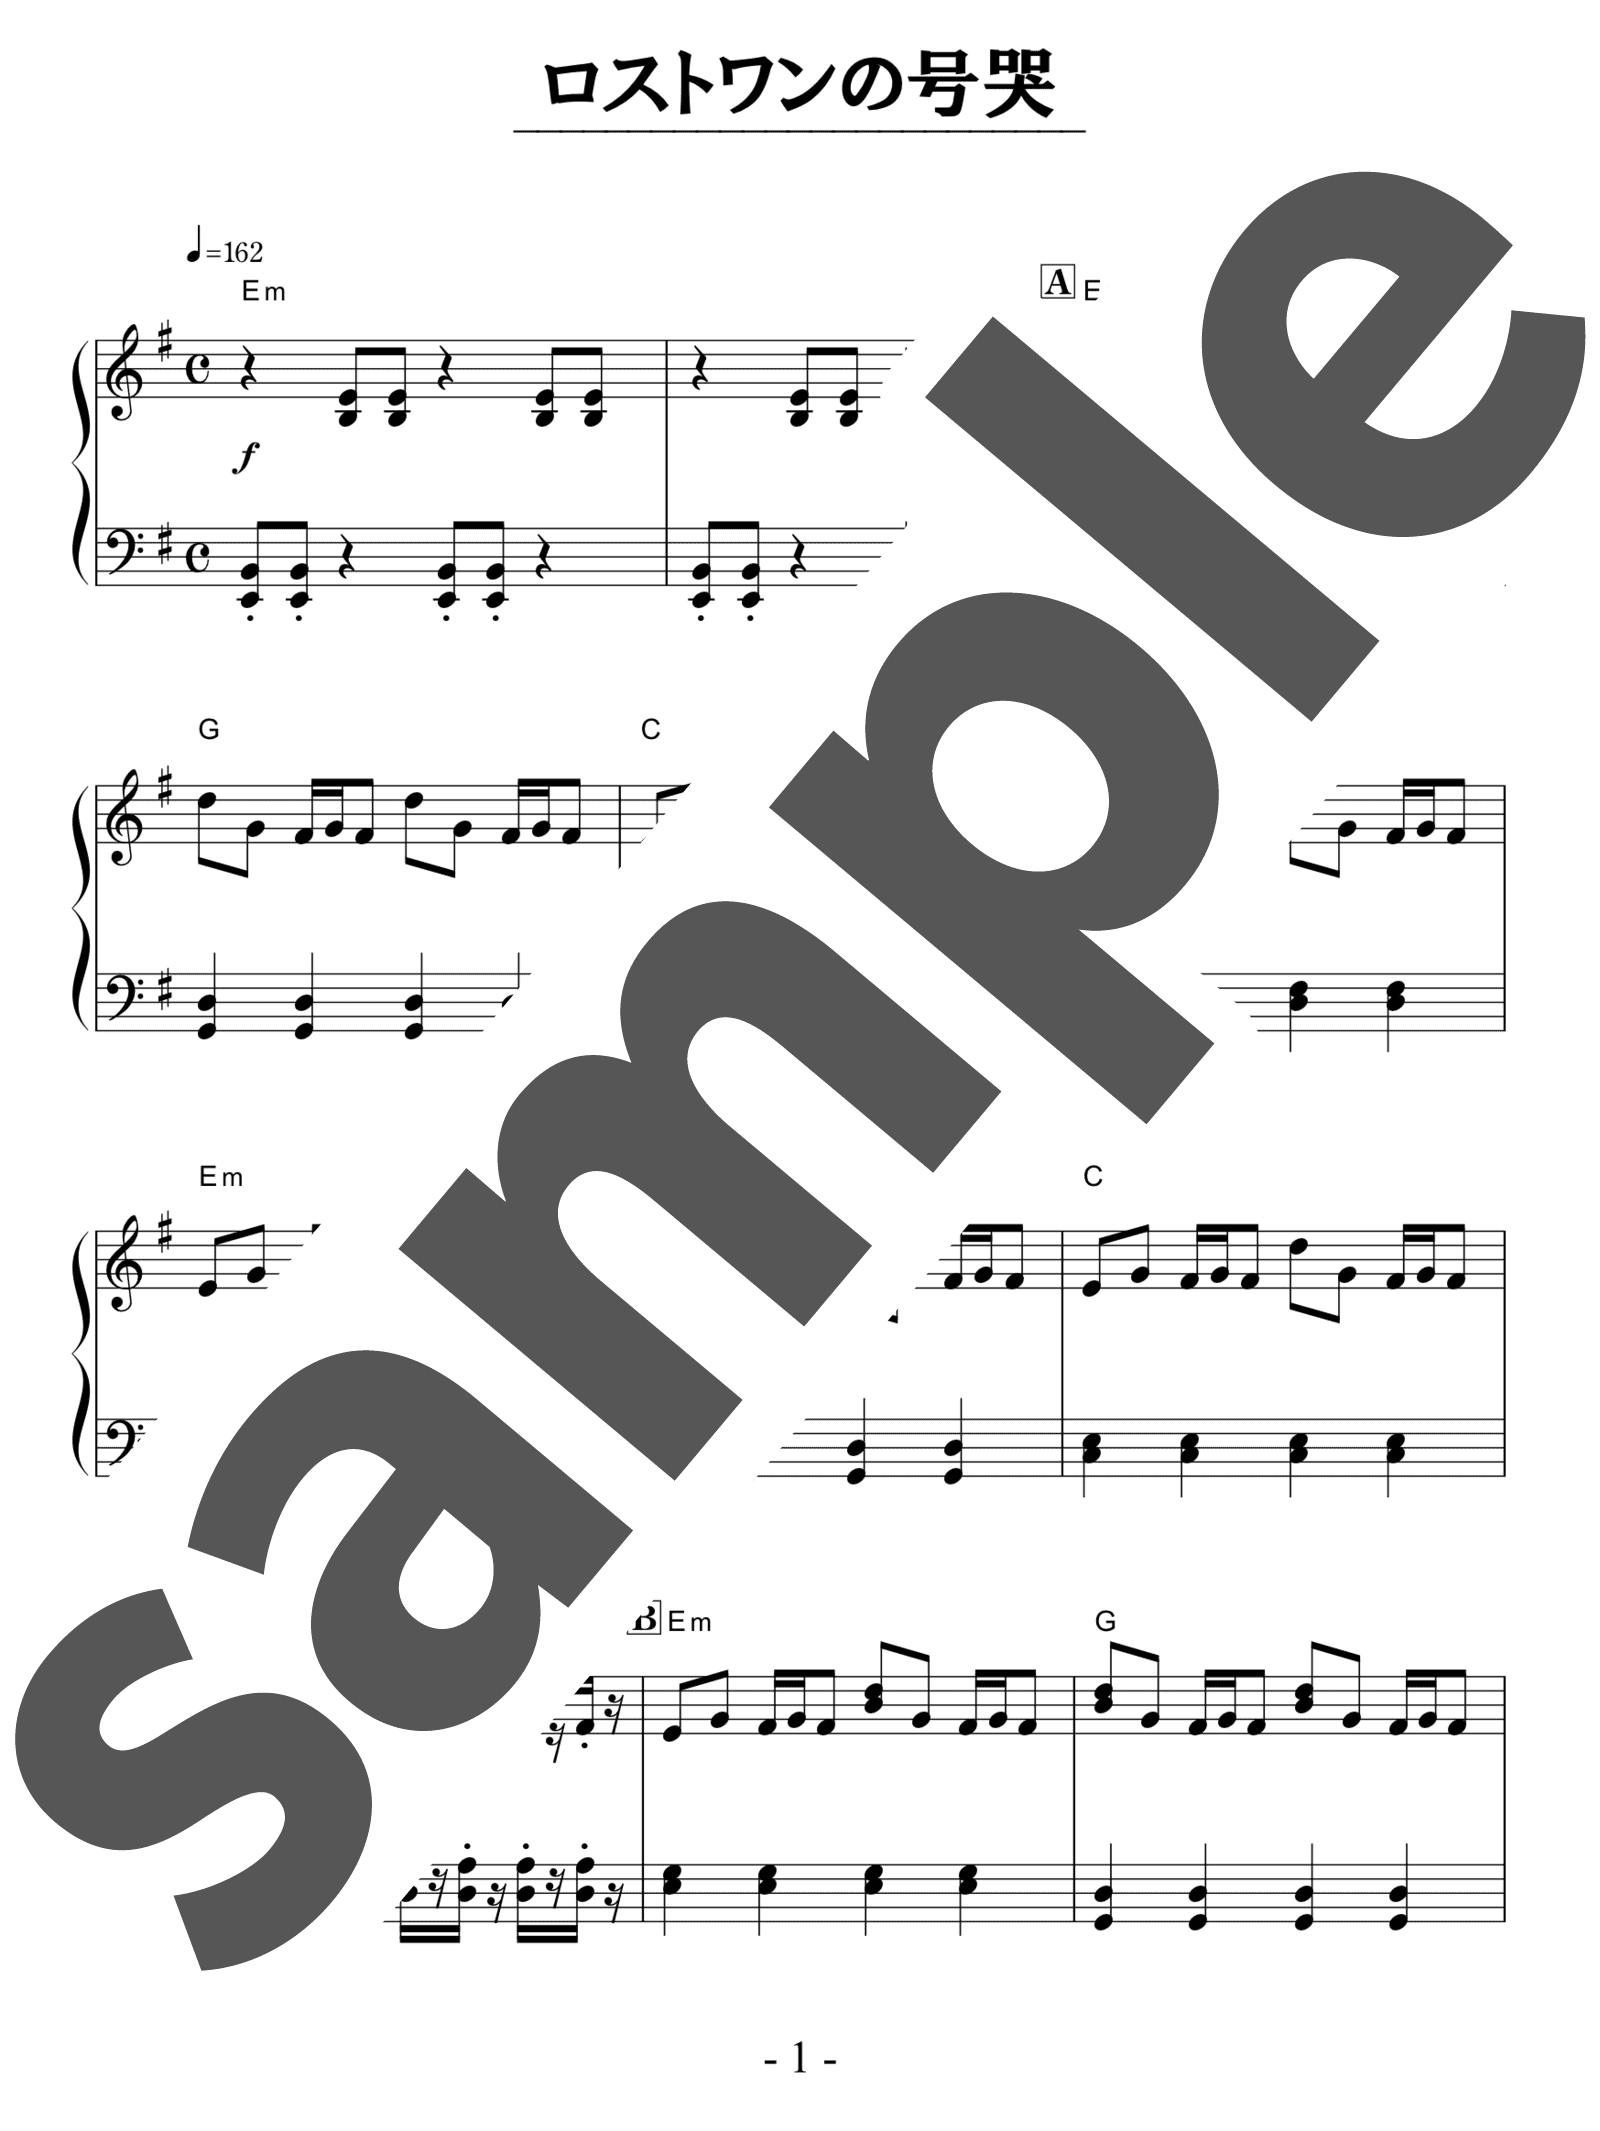 「ロストワンの号哭」のサンプル楽譜